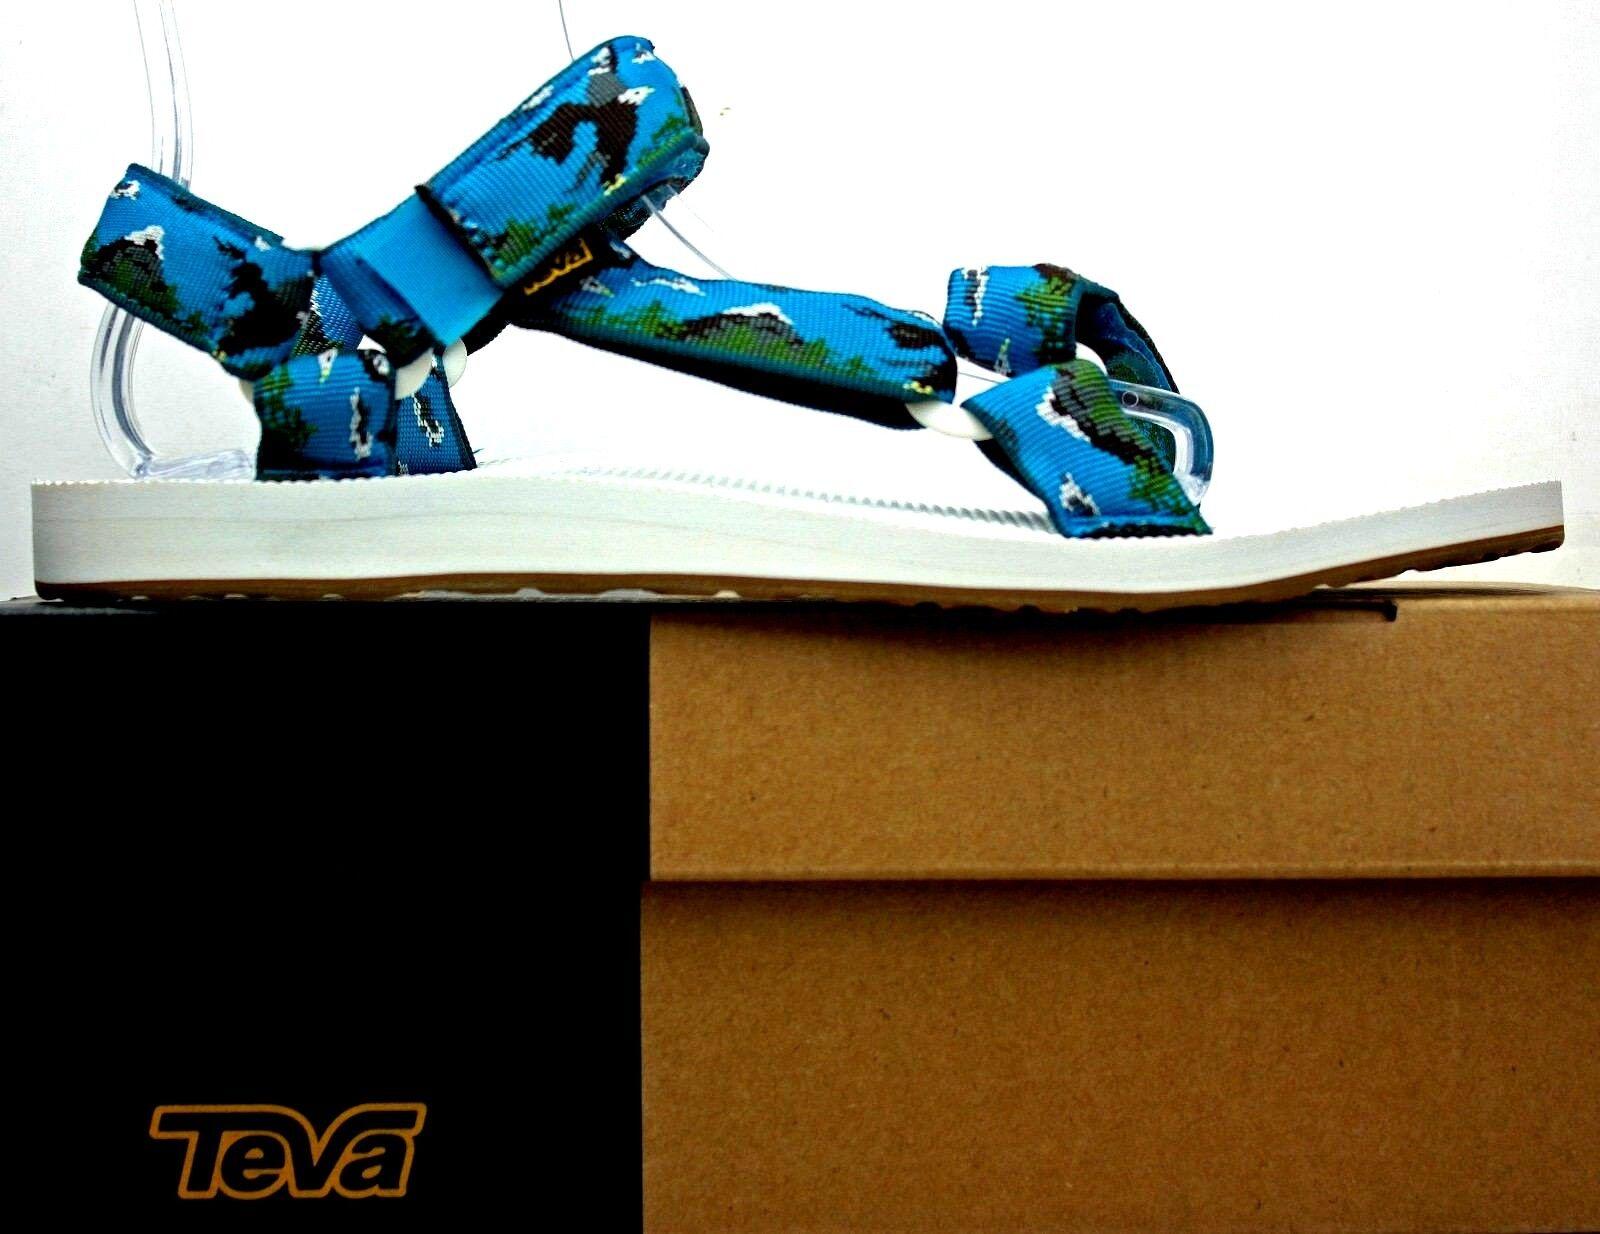 TEVA Mens Sport Sandals sz 12 M Original Universal - Choose Color FW168